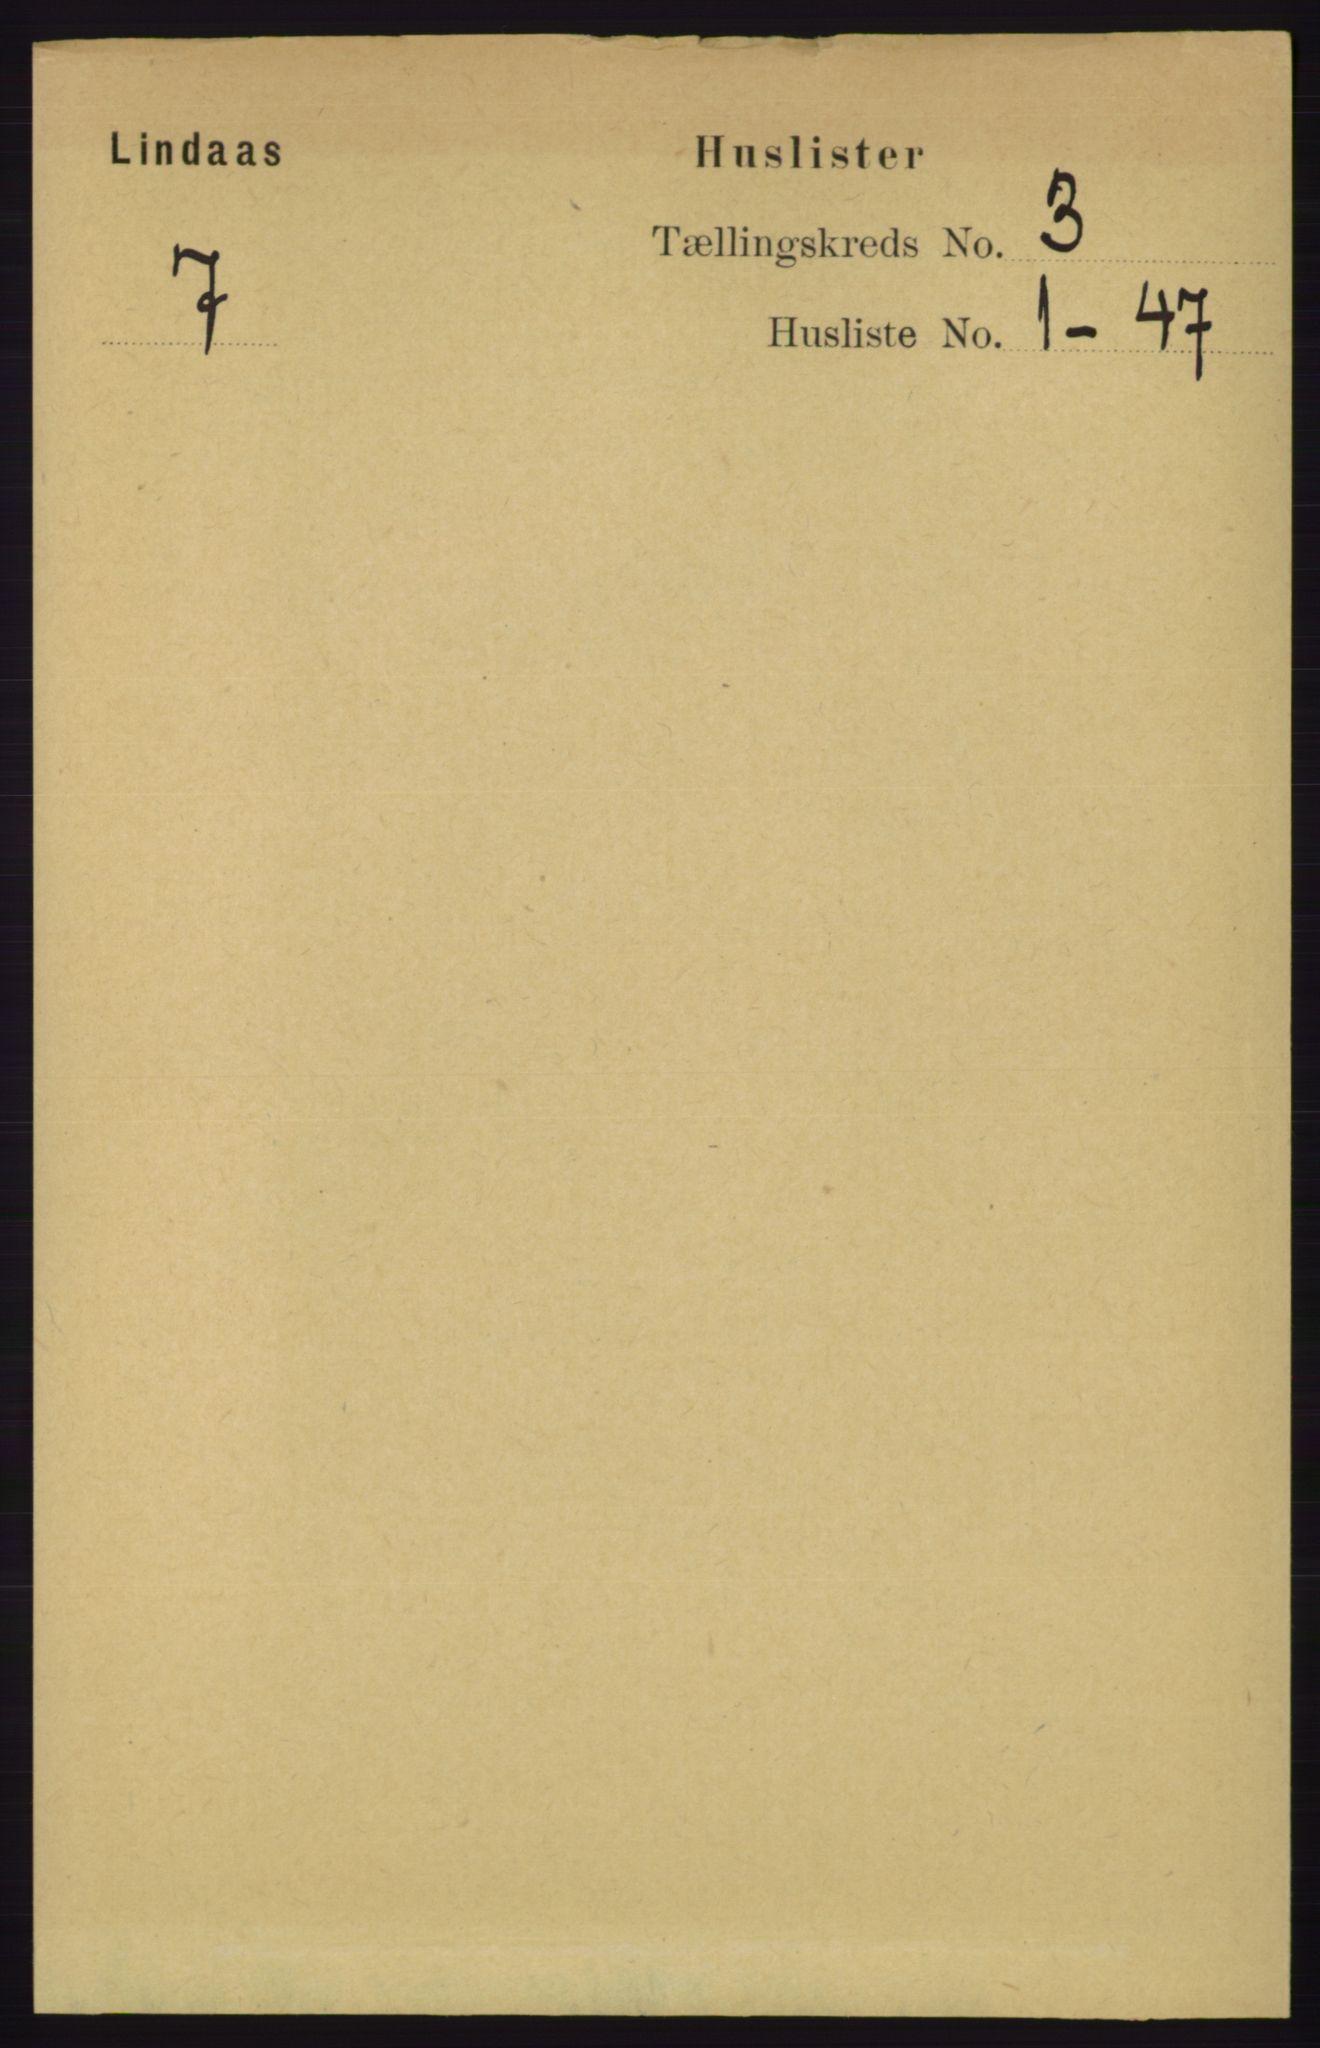 RA, Folketelling 1891 for 1263 Lindås herred, 1891, s. 756